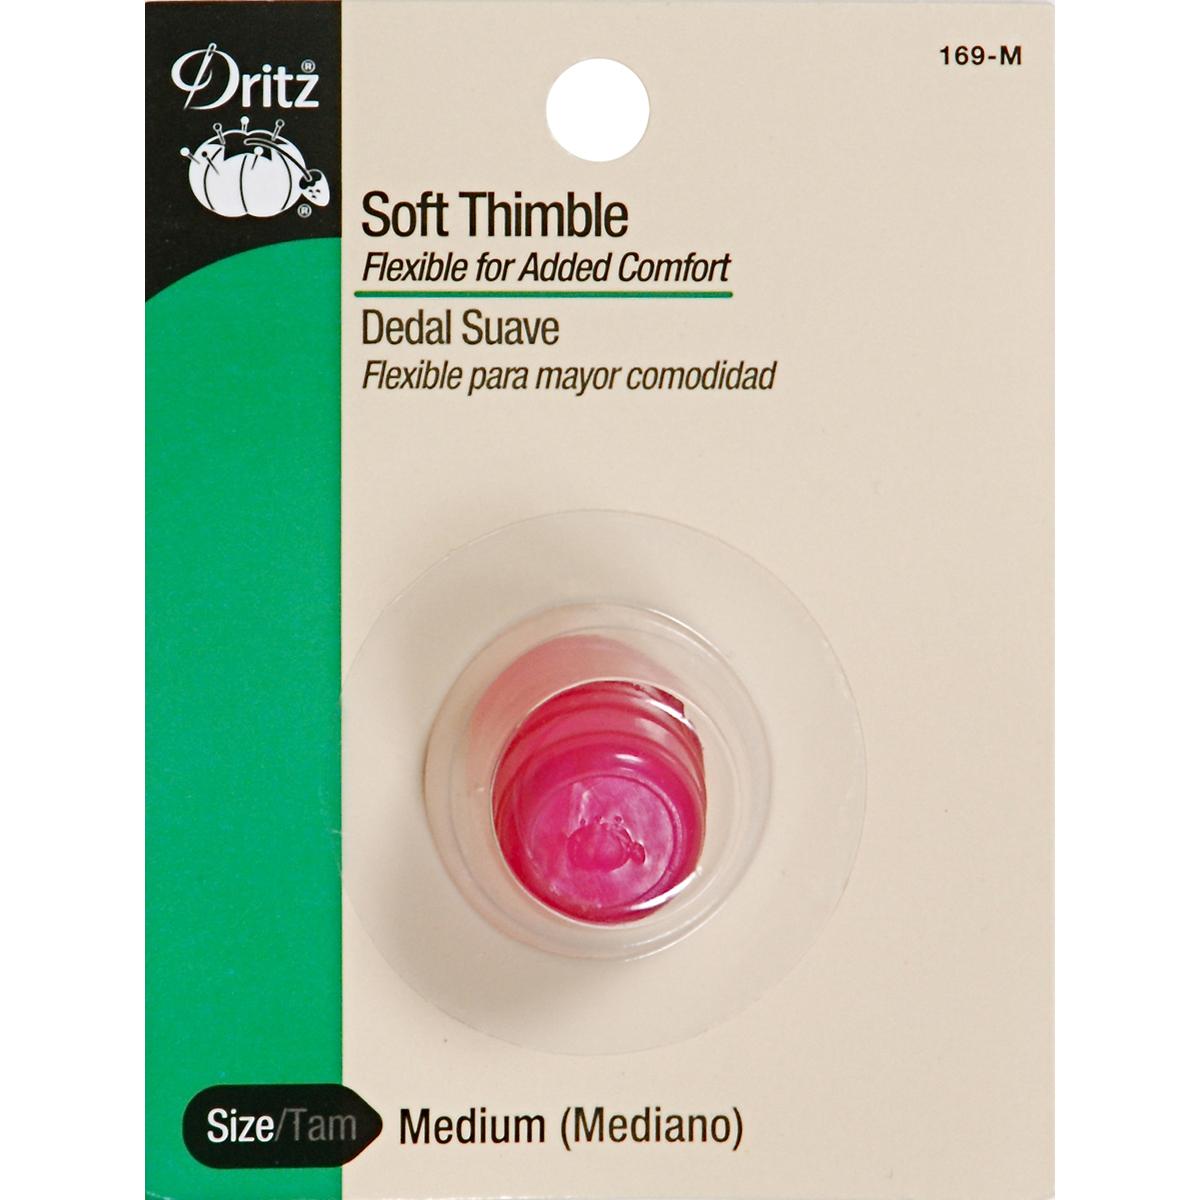 Dritz Soft Thimble-Medium